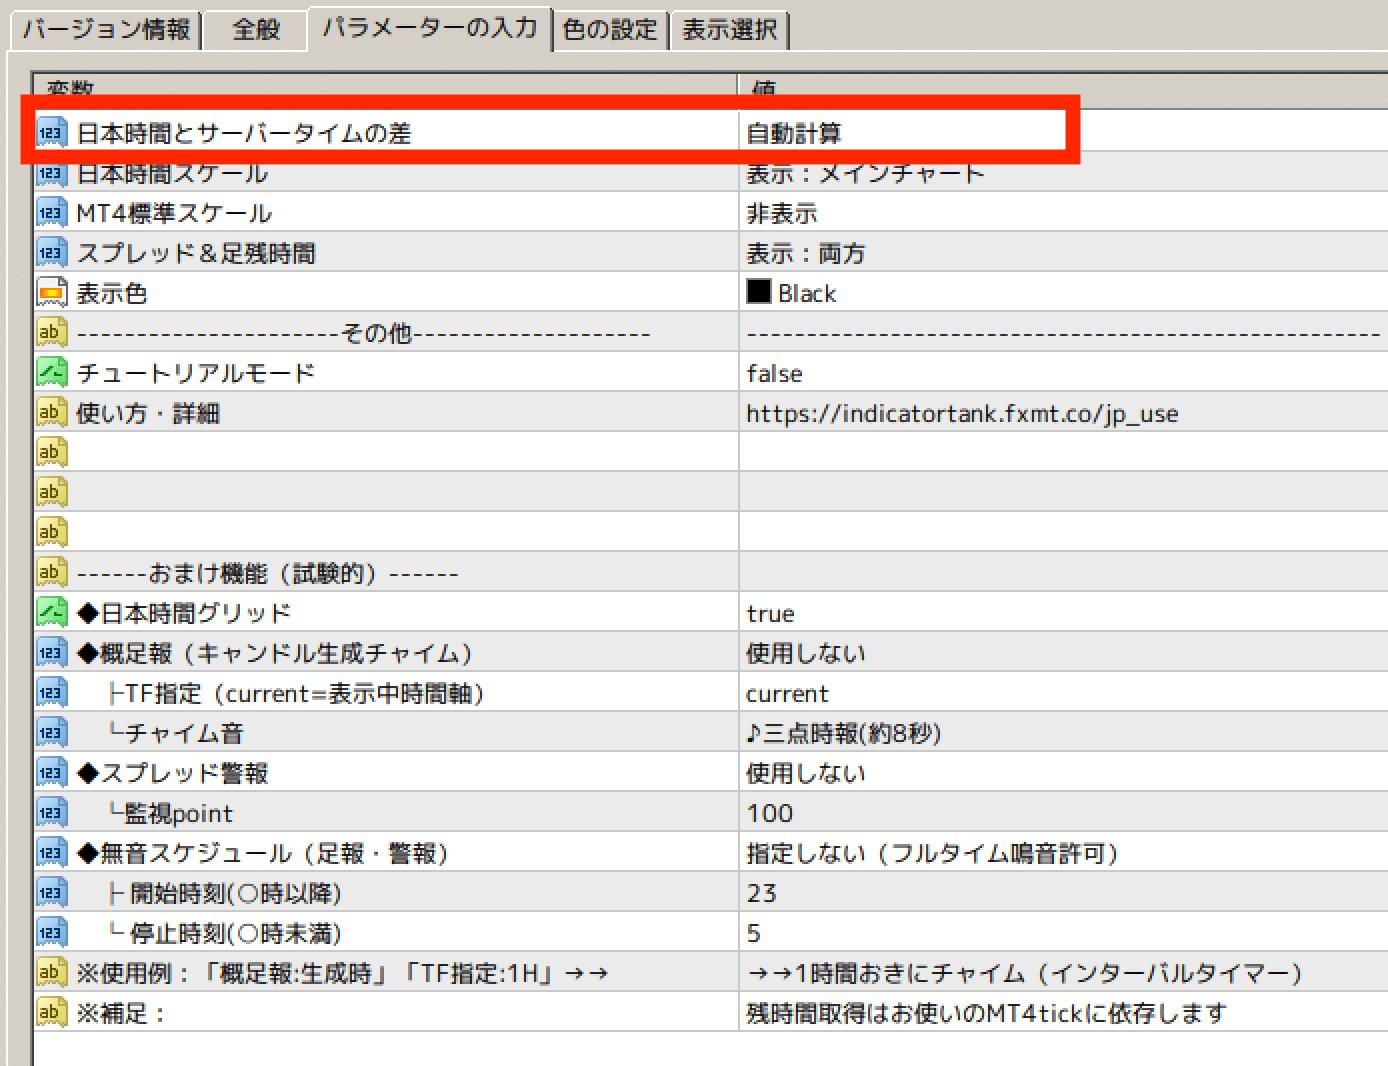 日本 時間 秒